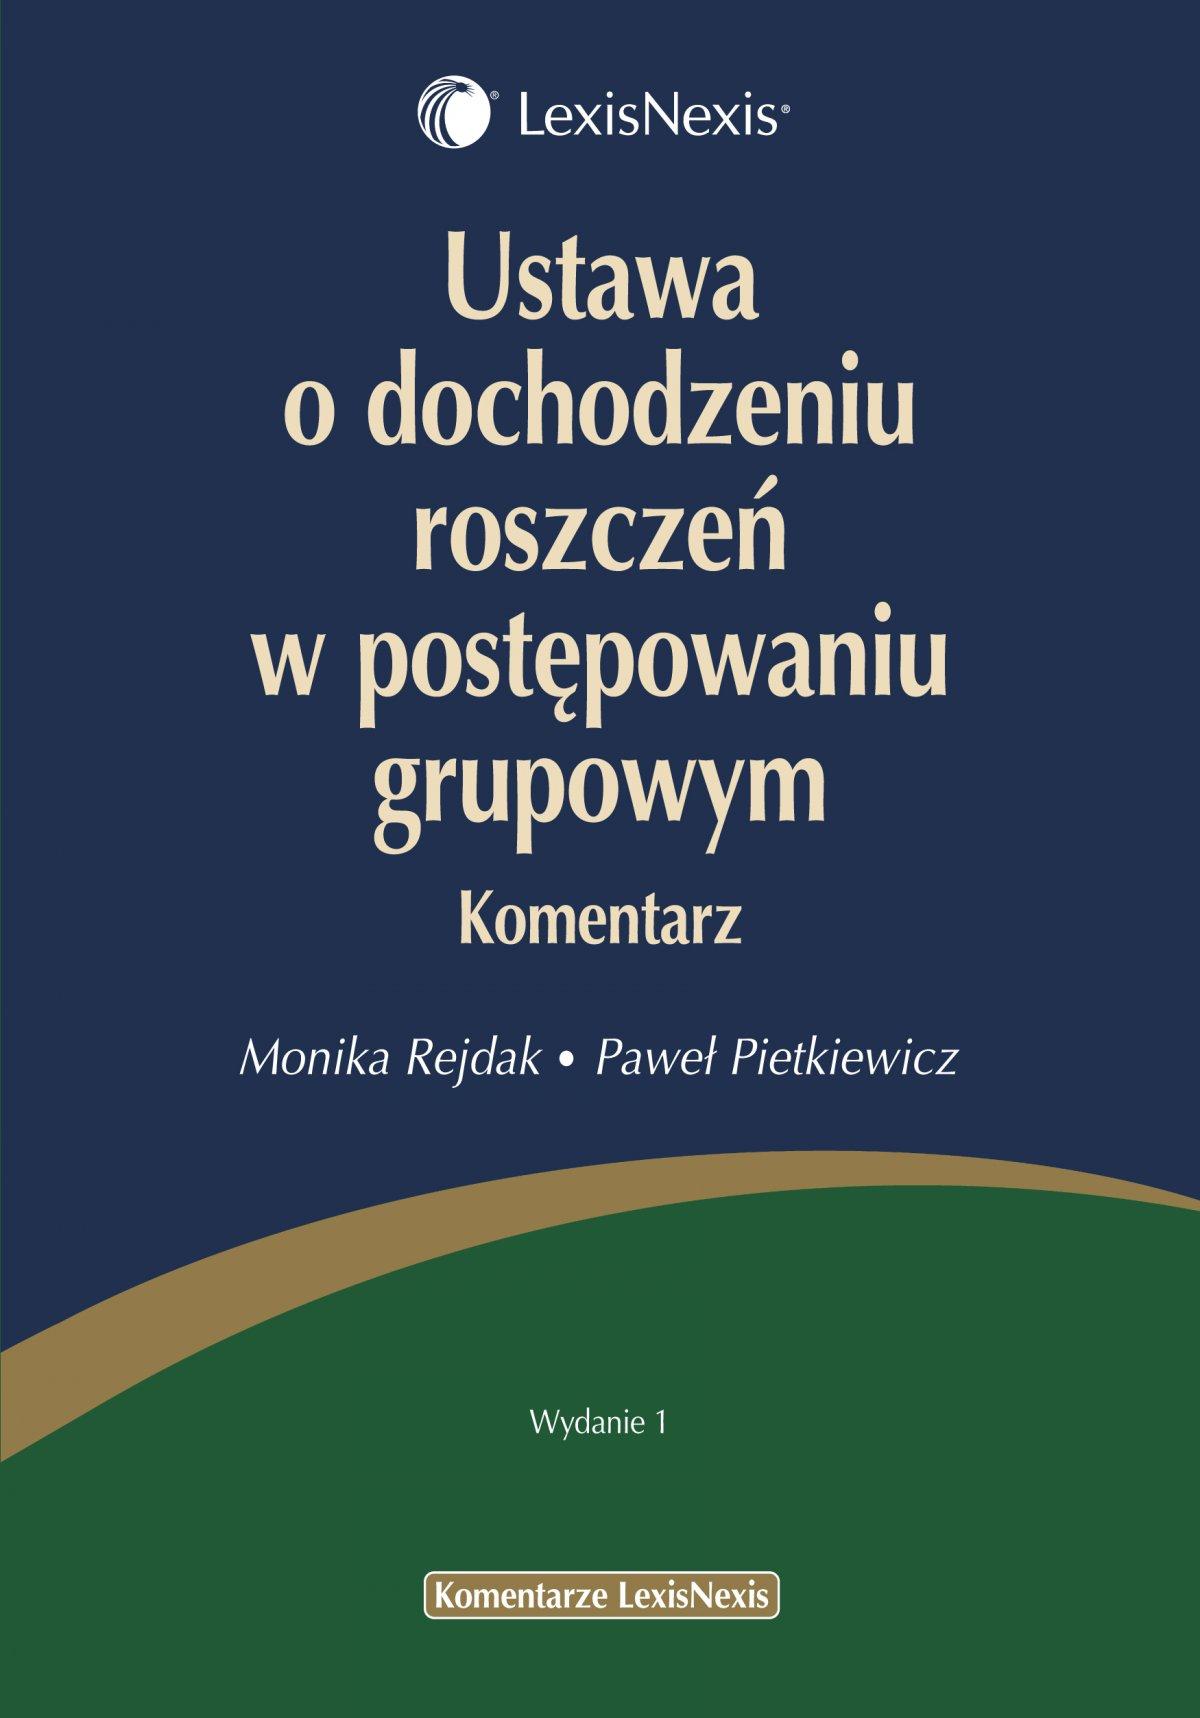 Ustawa o dochodzeniu roszczeń w postępowaniu grupowym. Komentarz - Ebook (Książka PDF) do pobrania w formacie PDF